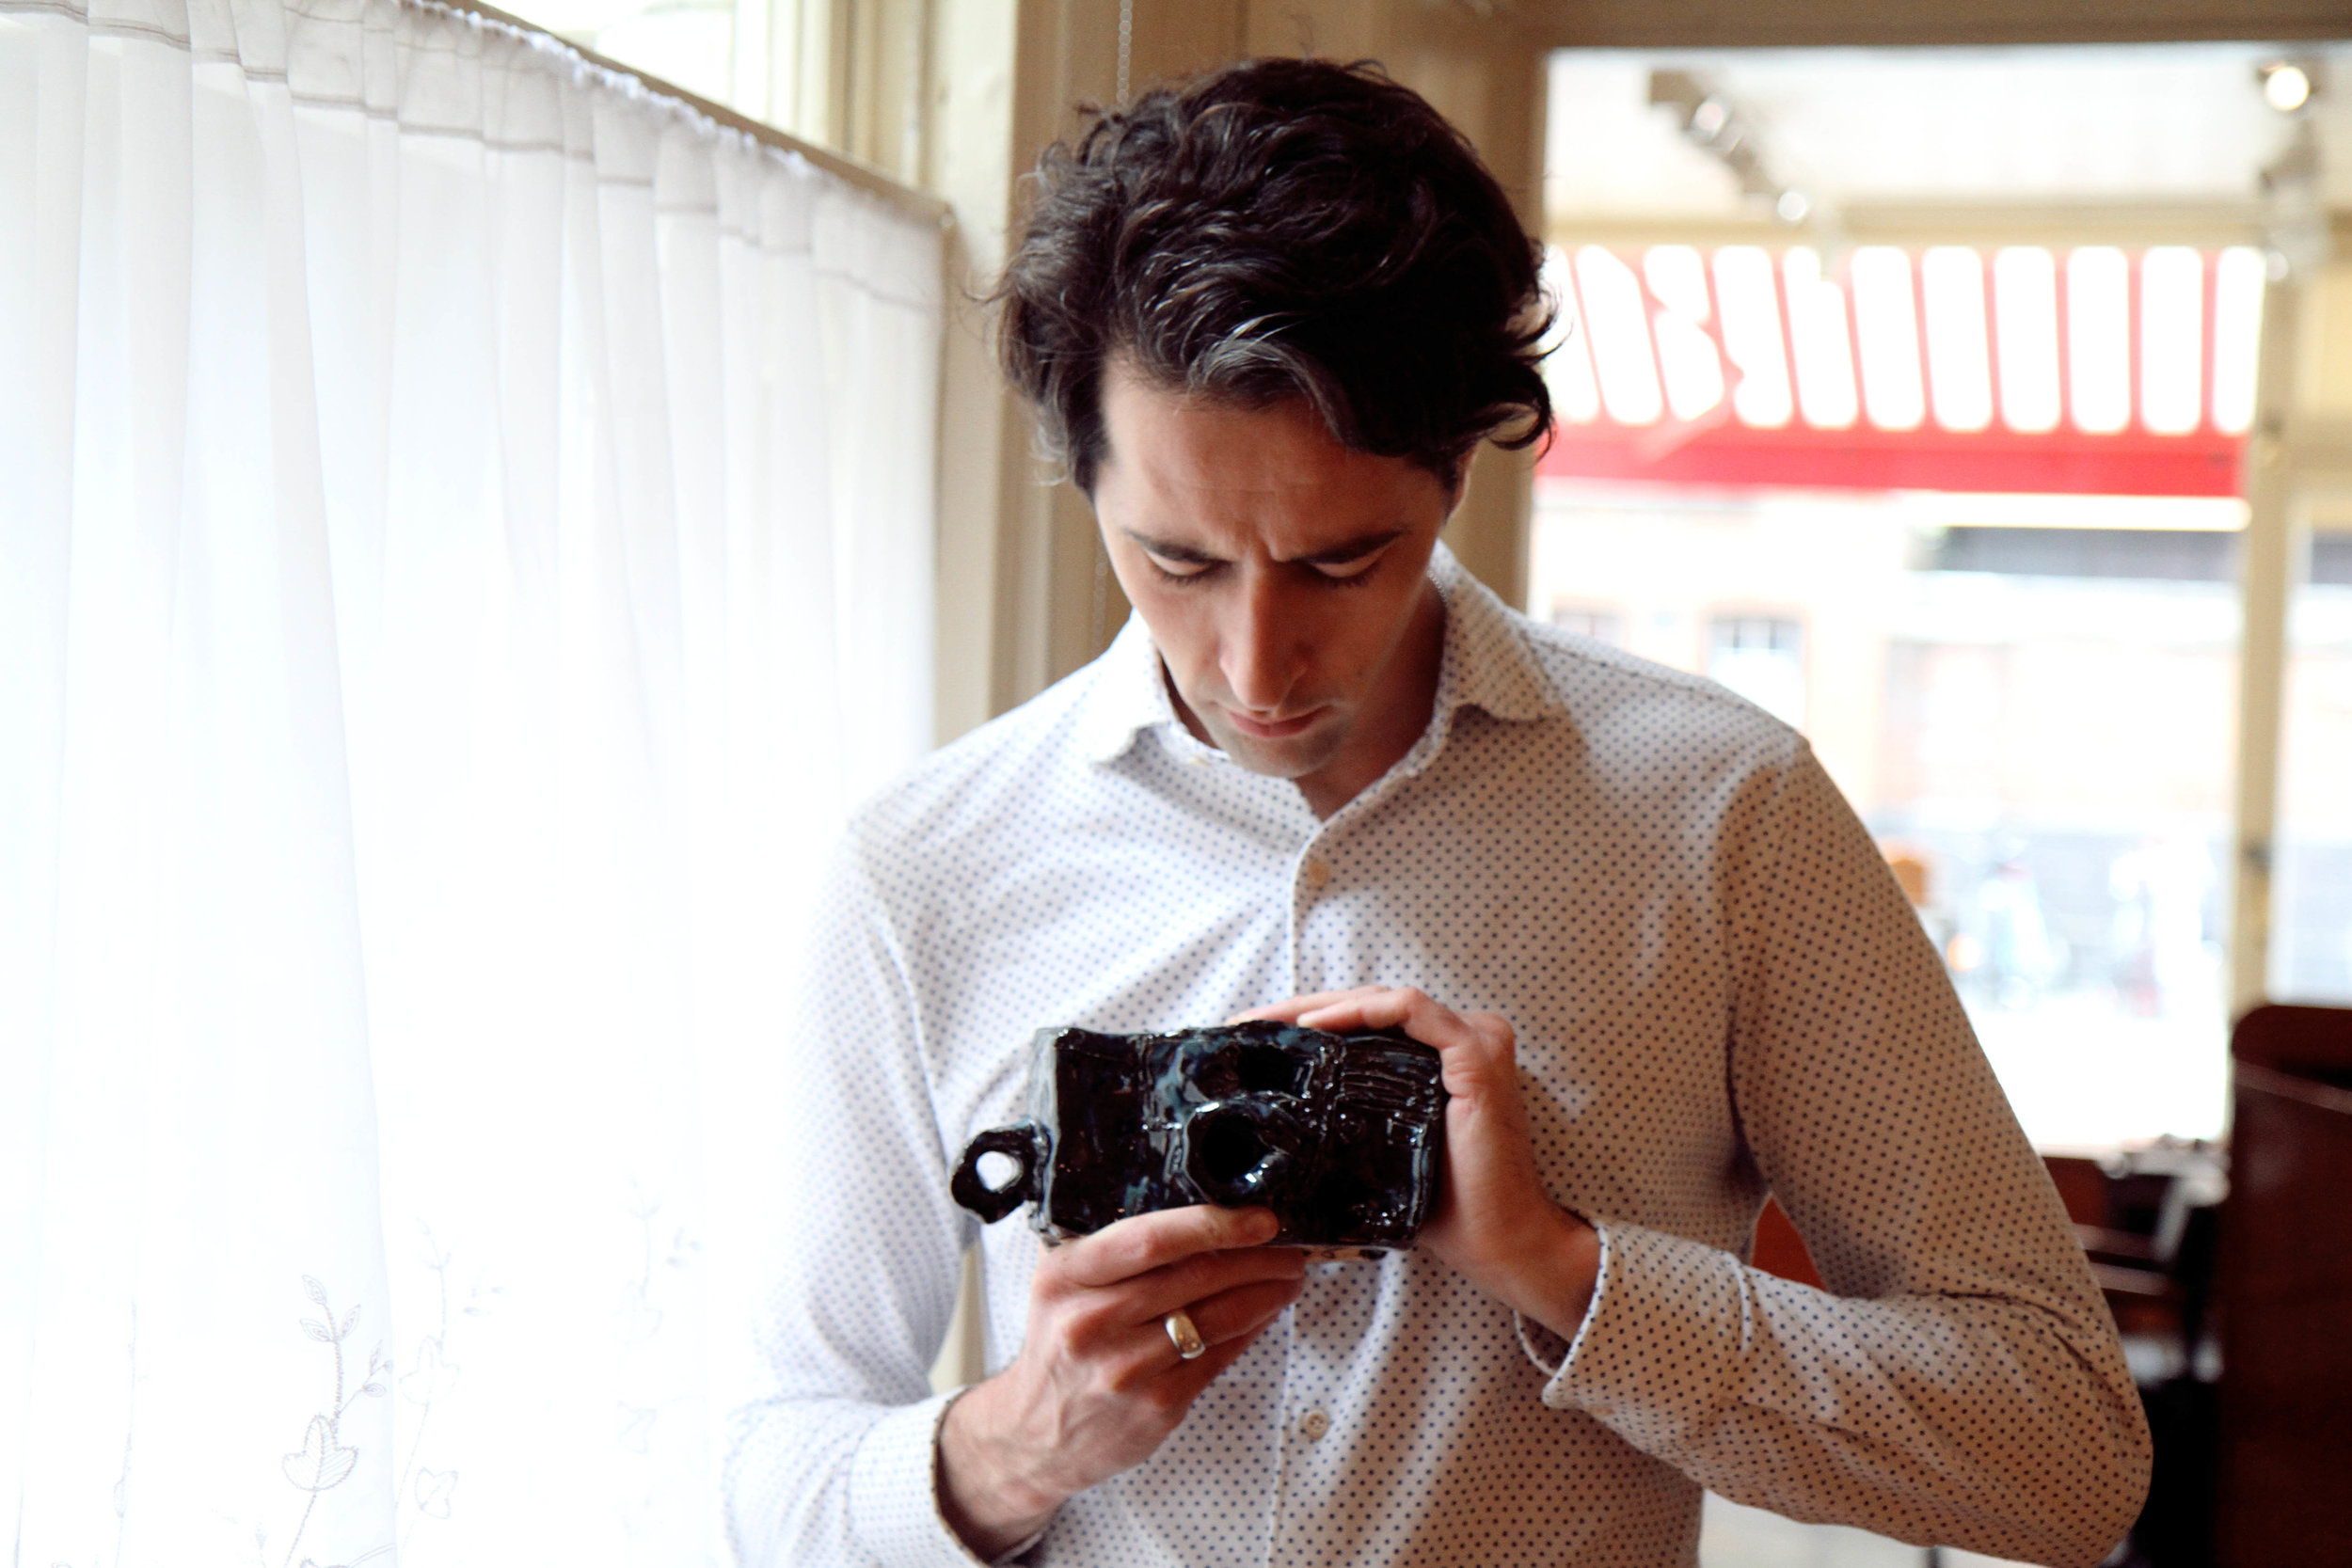 James Thomas holding an Alan Constable camera, 2017